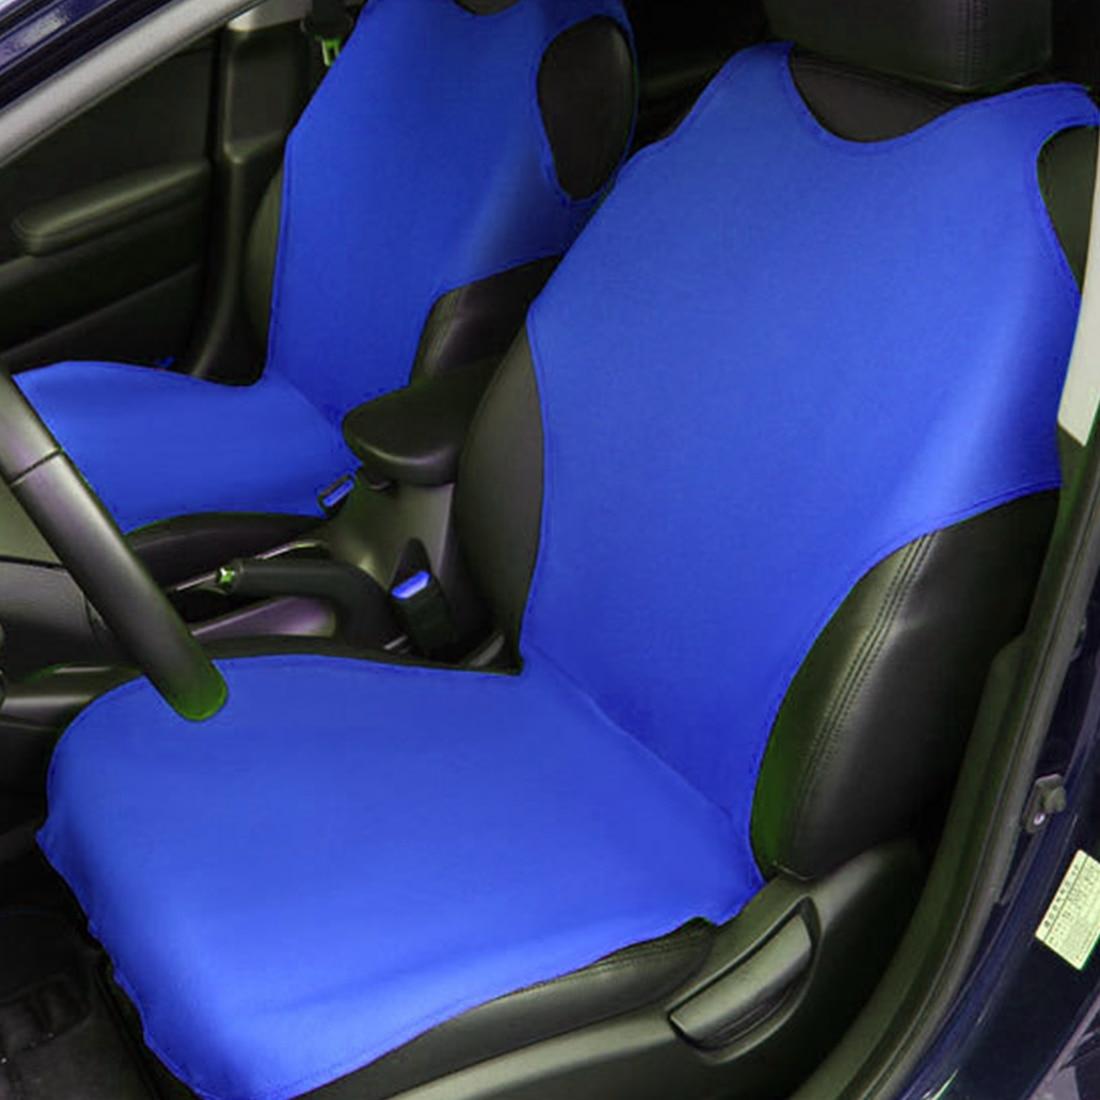 Airbag Compatibel Seat Cover Protector Pu Leer Nieuwe Auto Bekleding Universele Vest Voorste Auto Stoelhoezen Interieur Accessoires Verschillende Stijlen